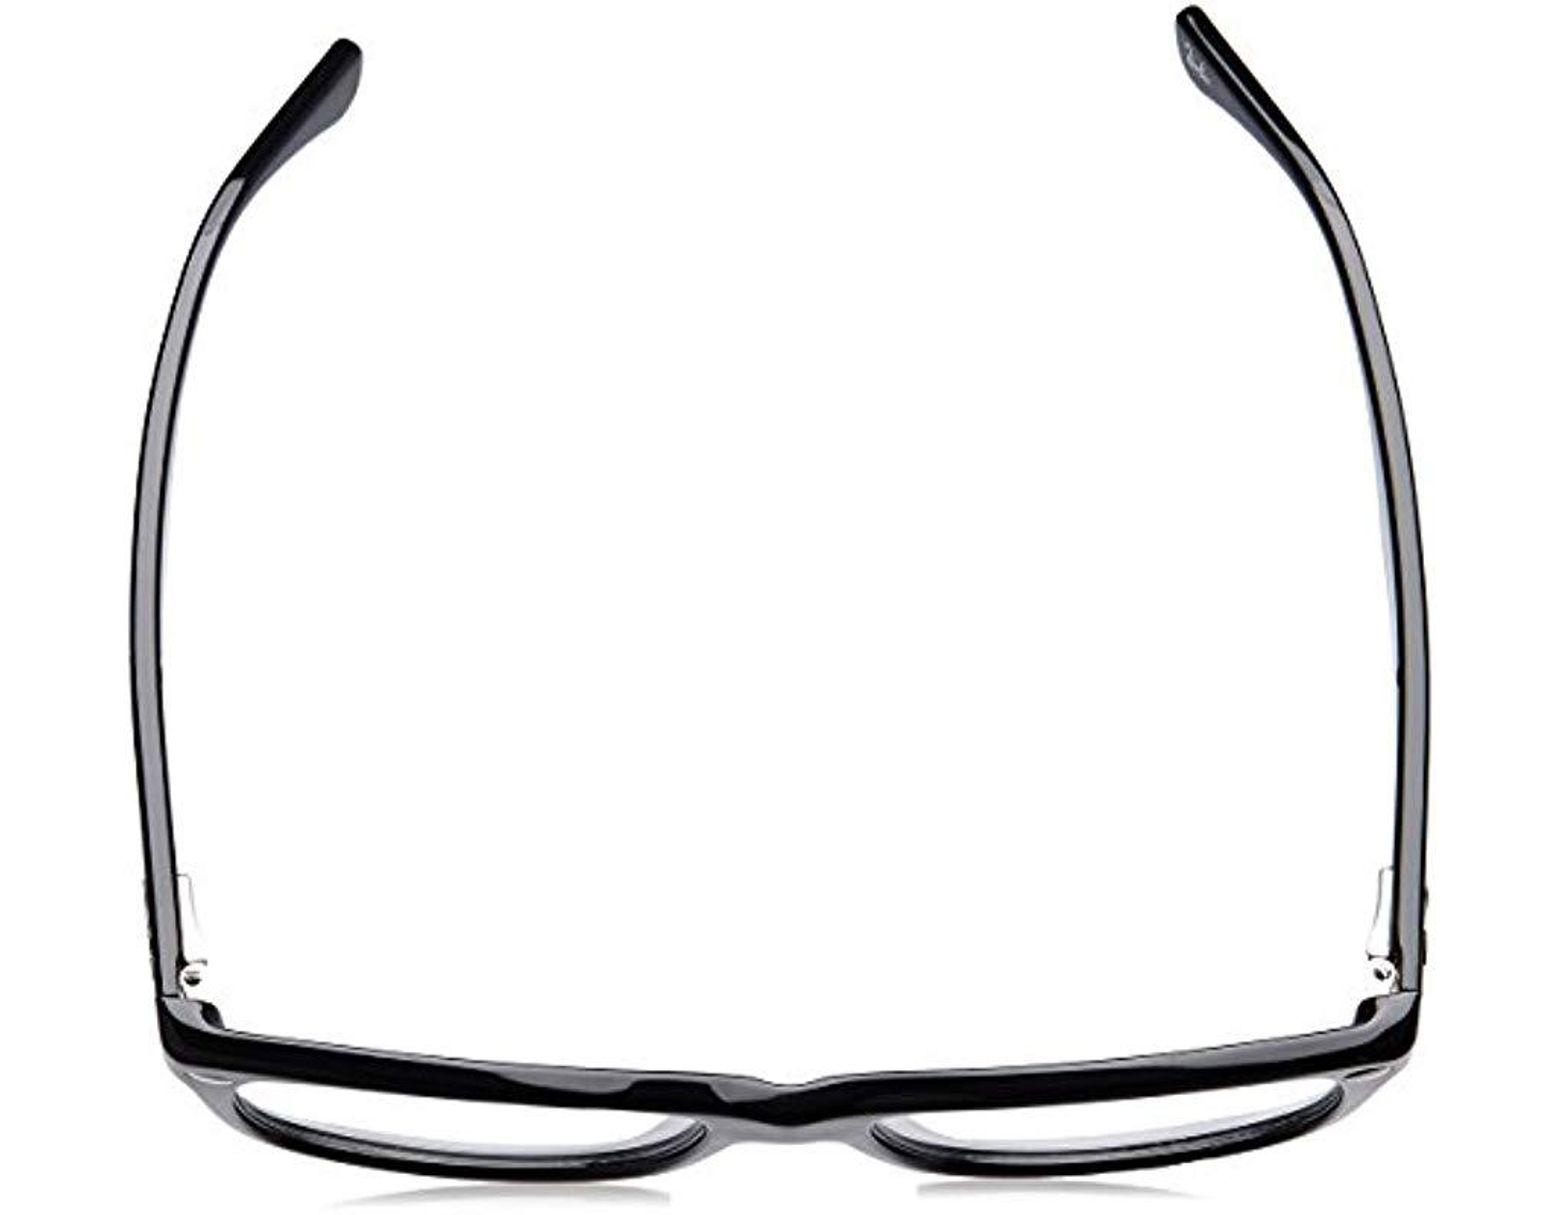 Ray-Ban Rx5228 Square Eyeglass Frames, Shiny Black/demo Lens